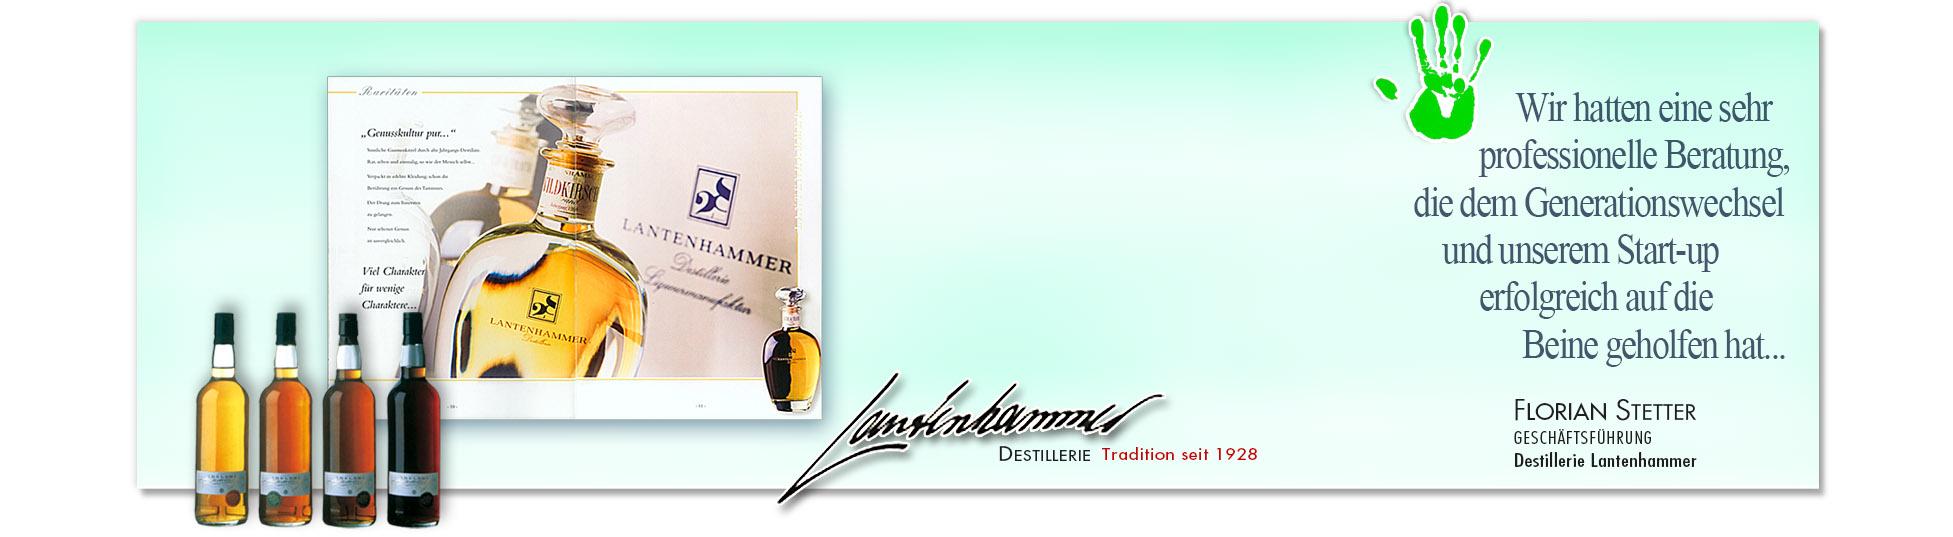 ZufriedeneR Kunde: LANTENHAMMER wegen erfolgreiche Kampagnen derSchoellmann & Sie ist Werbeagentur, Marketingagentur, Gender Marketing, Webdesign, Personal Marketing, Employer Branding